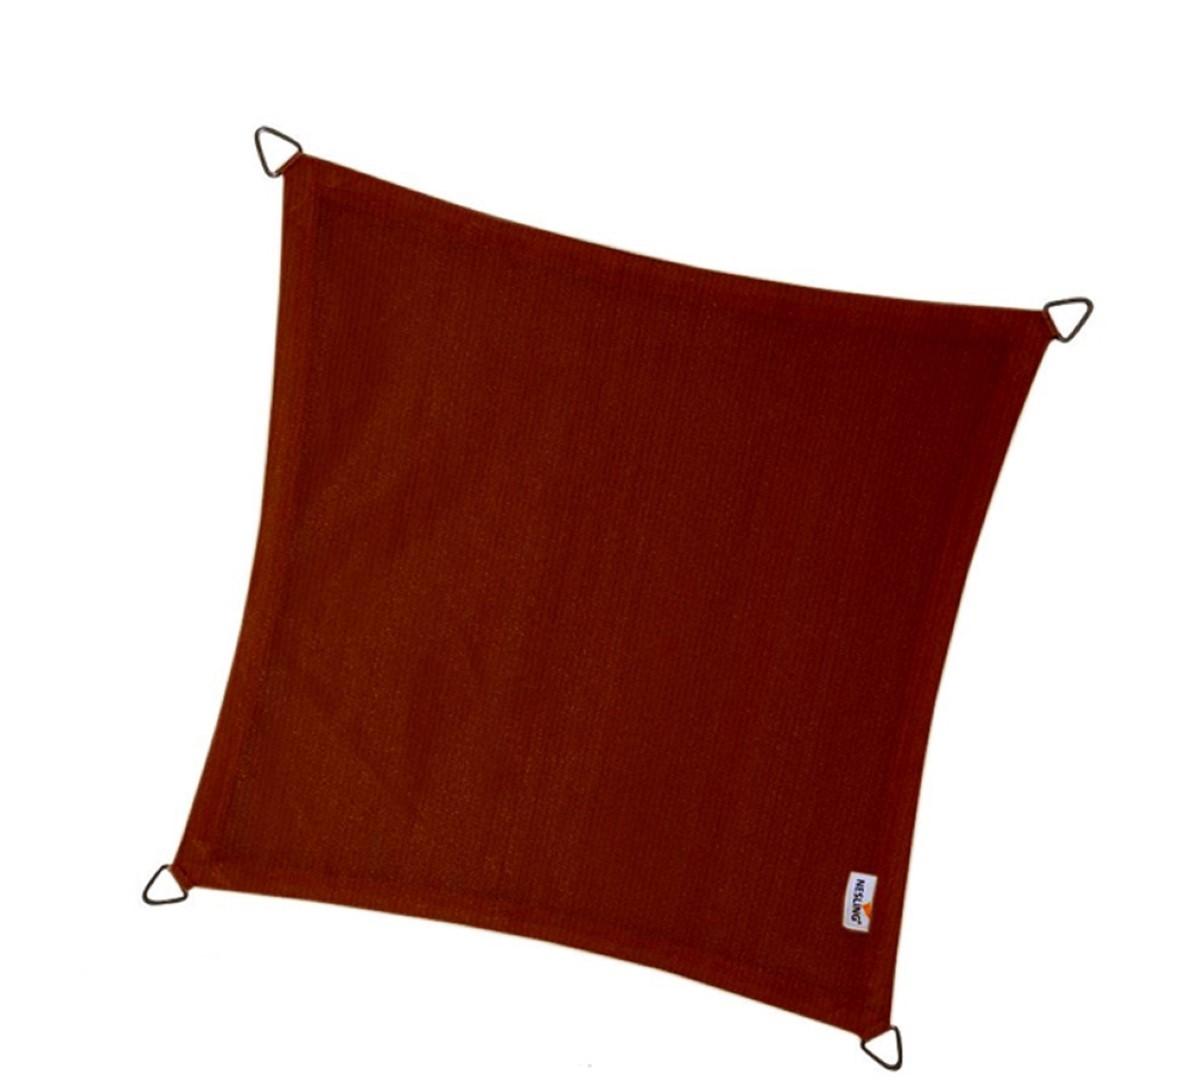 Vierkant 5,0 x 5,0 x 5,0 x 5,0m, Terracotta